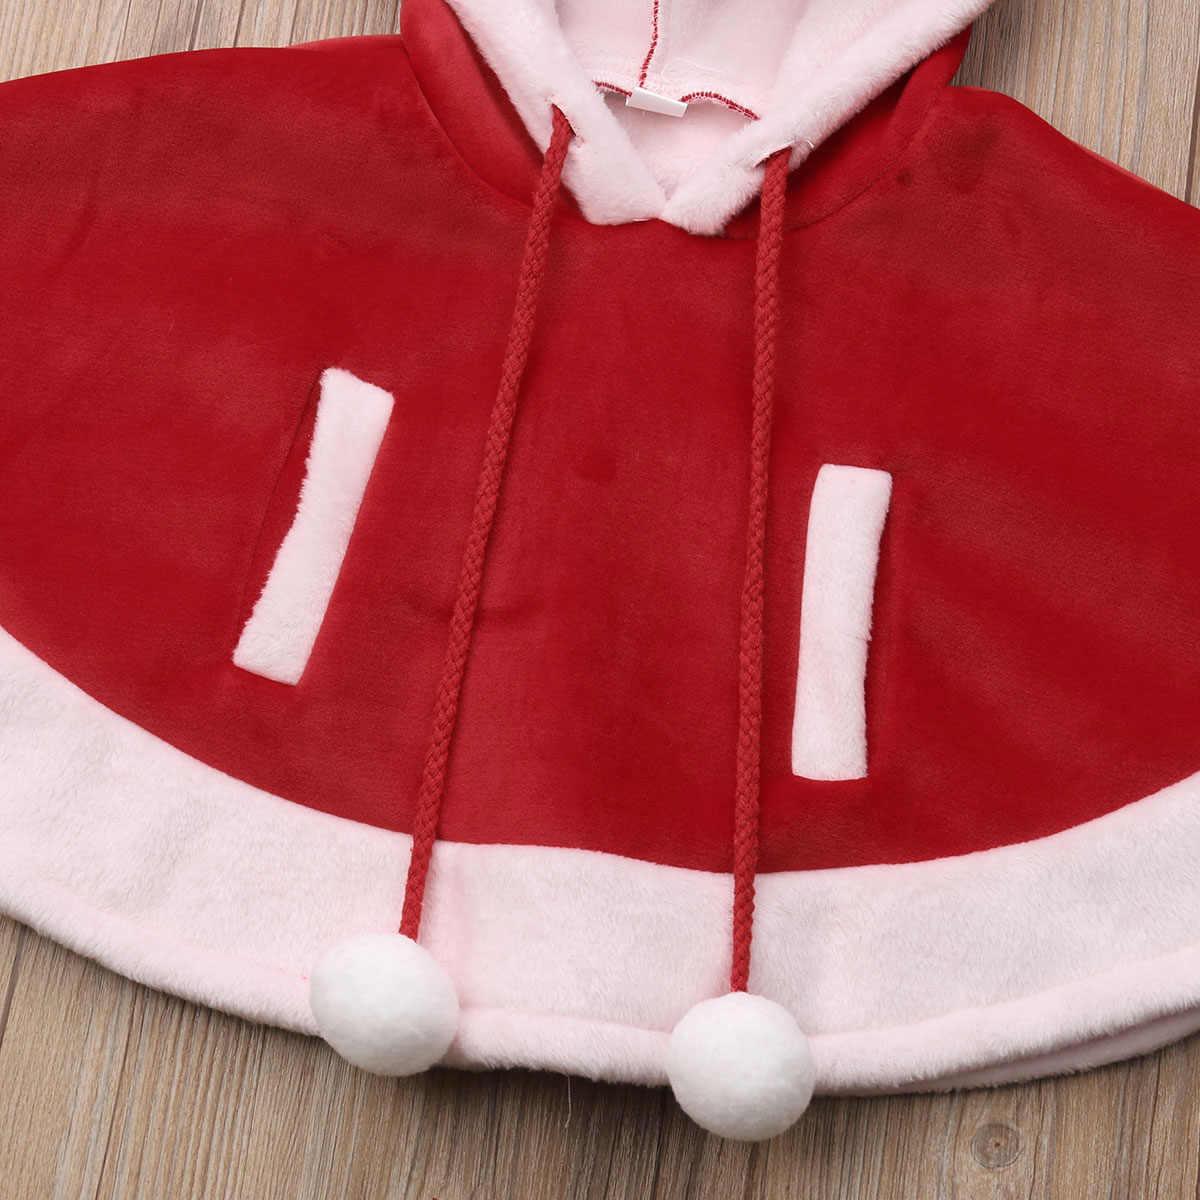 חג המולד אופנה יפה פעוט תינוק בנות בני מעיל חם להאריך ימים יותר גלימת קריקטורה דוב הדפסת ברדס סוודר אדום מעיל 6M-4Y